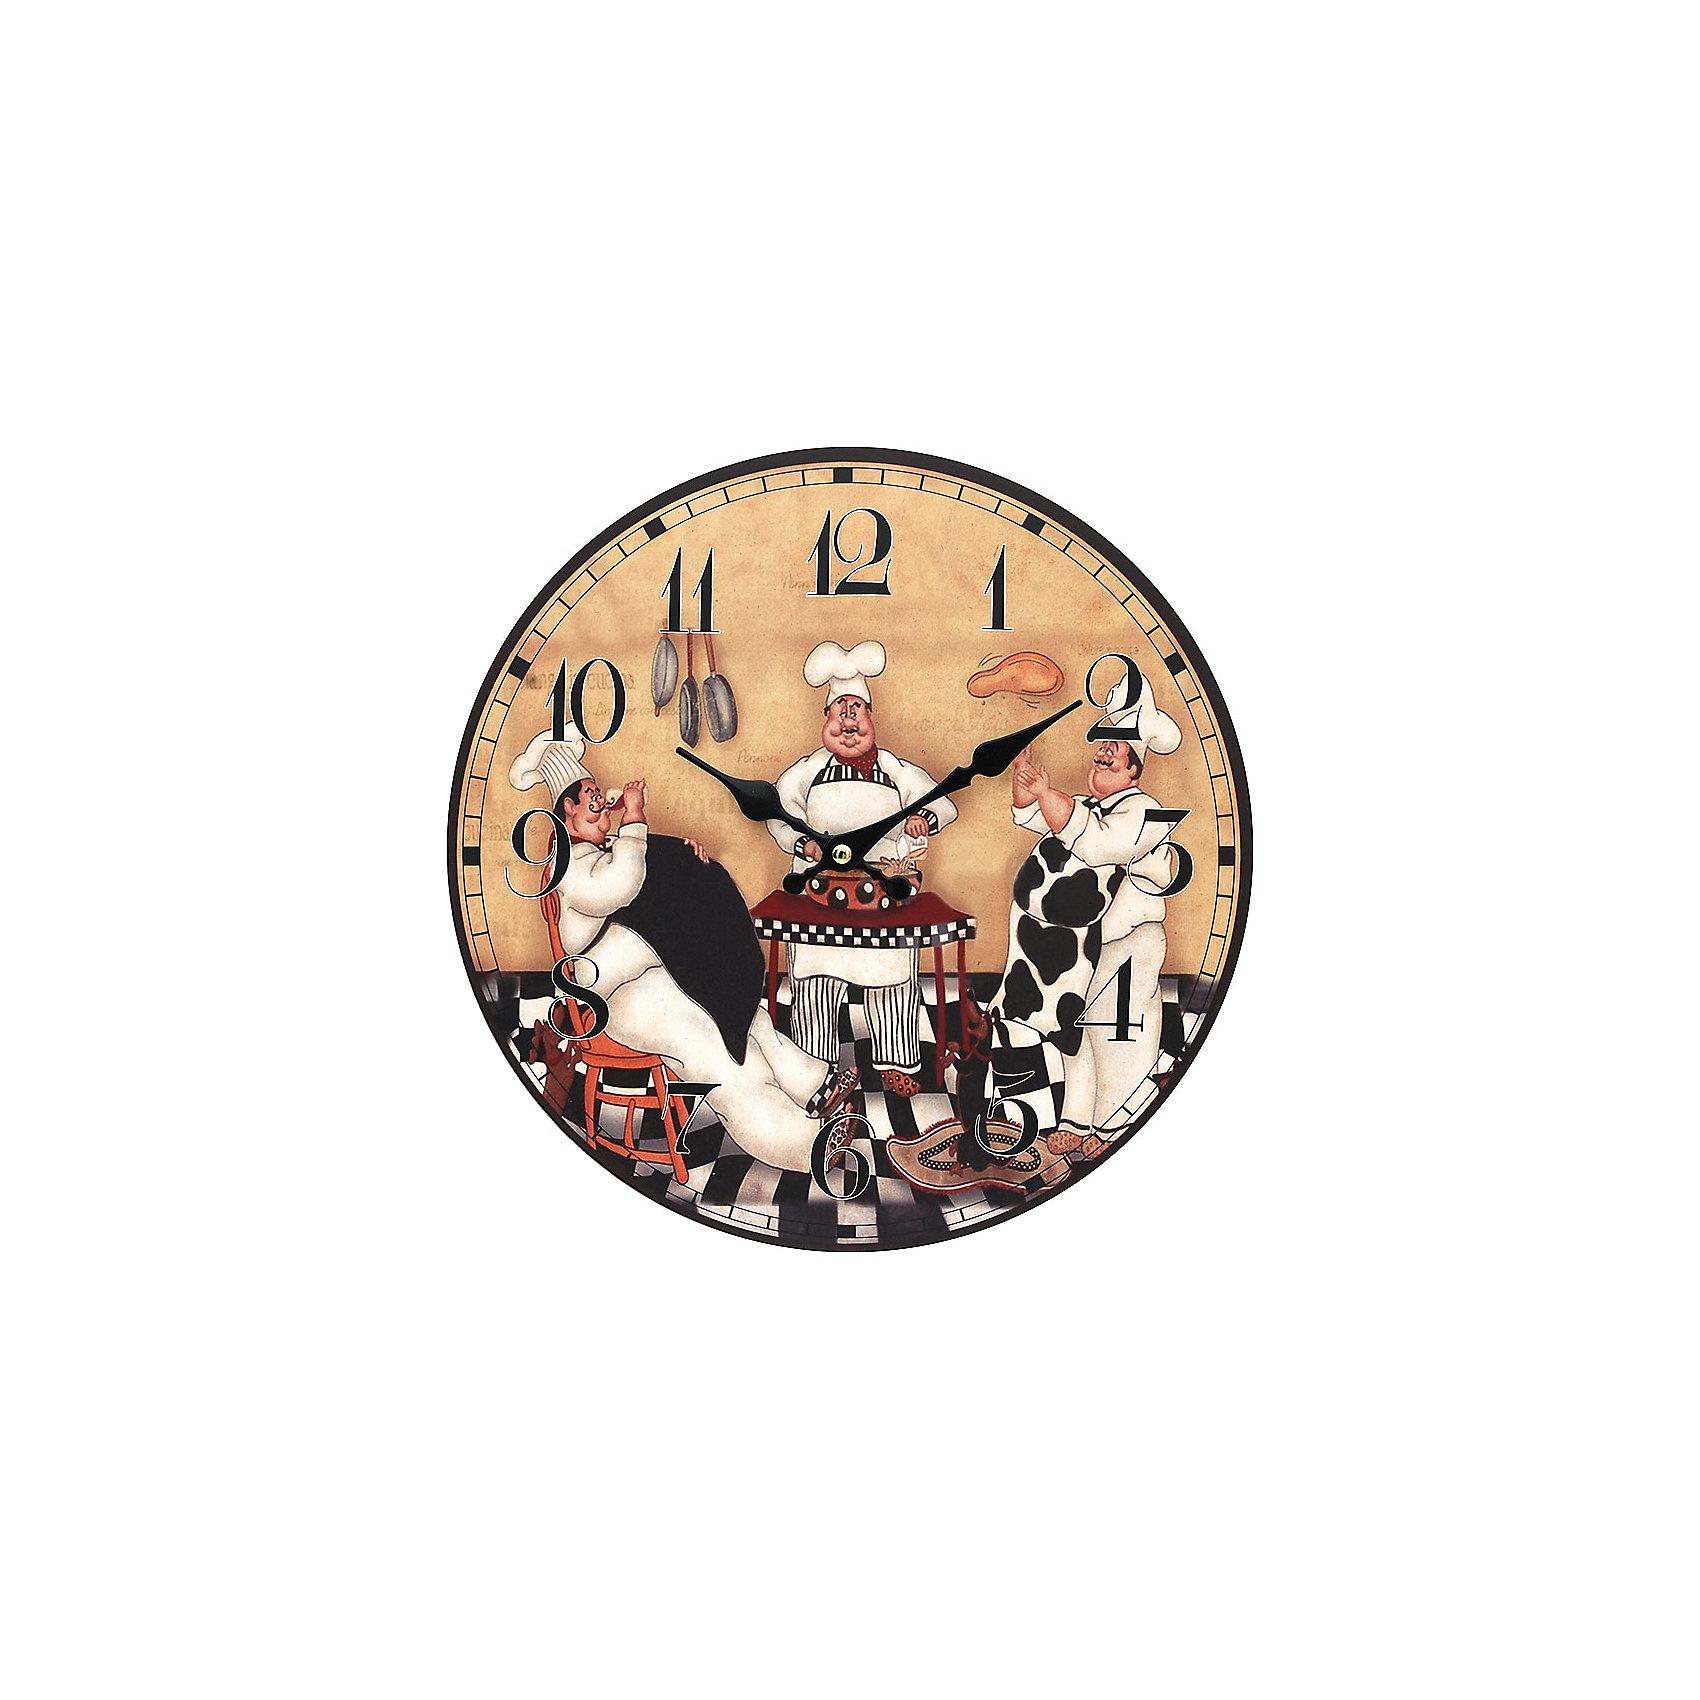 Часы настенные Время печь пироги, диаметр 34 смПредметы интерьера<br>Часы настенные Время печь пироги, диаметр 34 см.<br><br>Характеристики:<br><br>- Диаметр: 34 см.<br>- Две стрелки часовая и минутная<br>- Батарейка: 1 типа АА (в комплект не входит)<br>- Цвет: антрацитовый, бледно-розовый, кремовый, черный, белый<br>- Упаковка картонная коробка<br><br>Кварцевые настенные часы с механизмом плавного хода помимо своего прямого назначения – показывать точное время – станут важным элементом декора Вашего дома или квартиры. Открытый циферблат часов выполнен из листа оргалита с декоративным покрытием, оформлен изображением забавной жанровой сценки. Часовая и минутная стрелки металлические. Часовой механизм закрыт пластиковым корпусом. Часы будут ярким акцентом в интерьере и создадут дополнительный уют и хорошее настроение.<br><br>Часы настенные Время печь пироги, диаметр 34 см можно купить в нашем интернет-магазине.<br><br>Ширина мм: 345<br>Глубина мм: 340<br>Высота мм: 45<br>Вес г: 2500<br>Возраст от месяцев: 72<br>Возраст до месяцев: 144<br>Пол: Унисекс<br>Возраст: Детский<br>SKU: 5089822